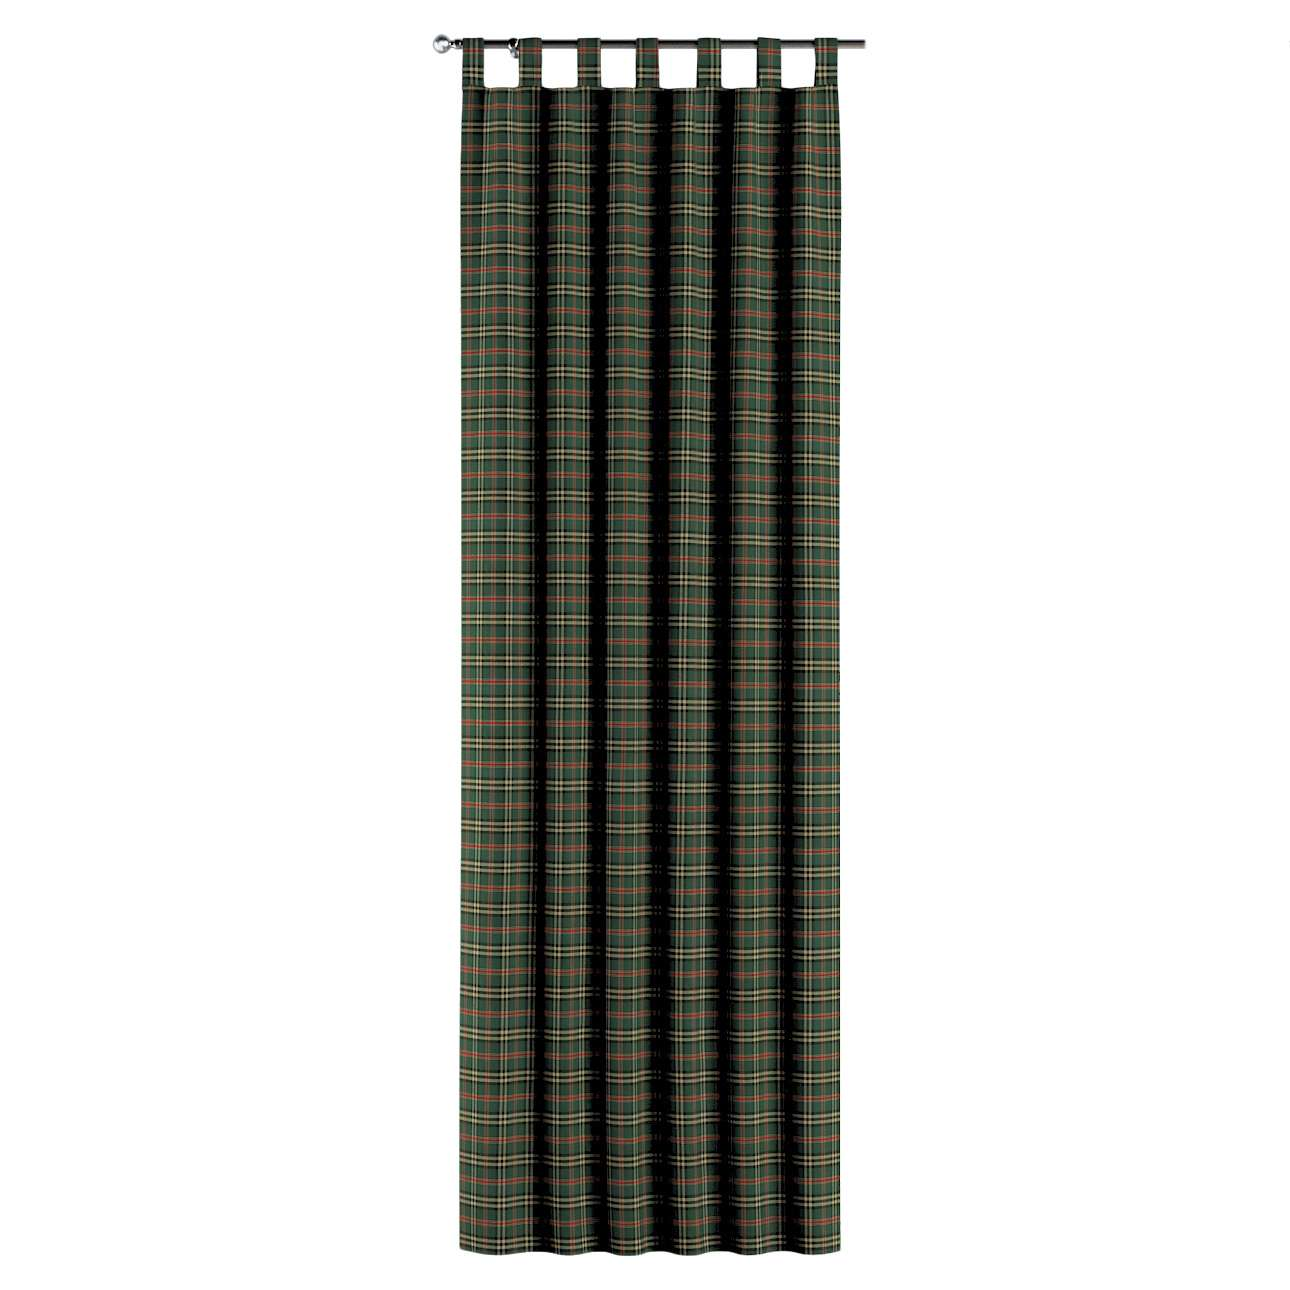 Zasłona na szelkach 1 szt. w kolekcji Bristol, tkanina: 142-69